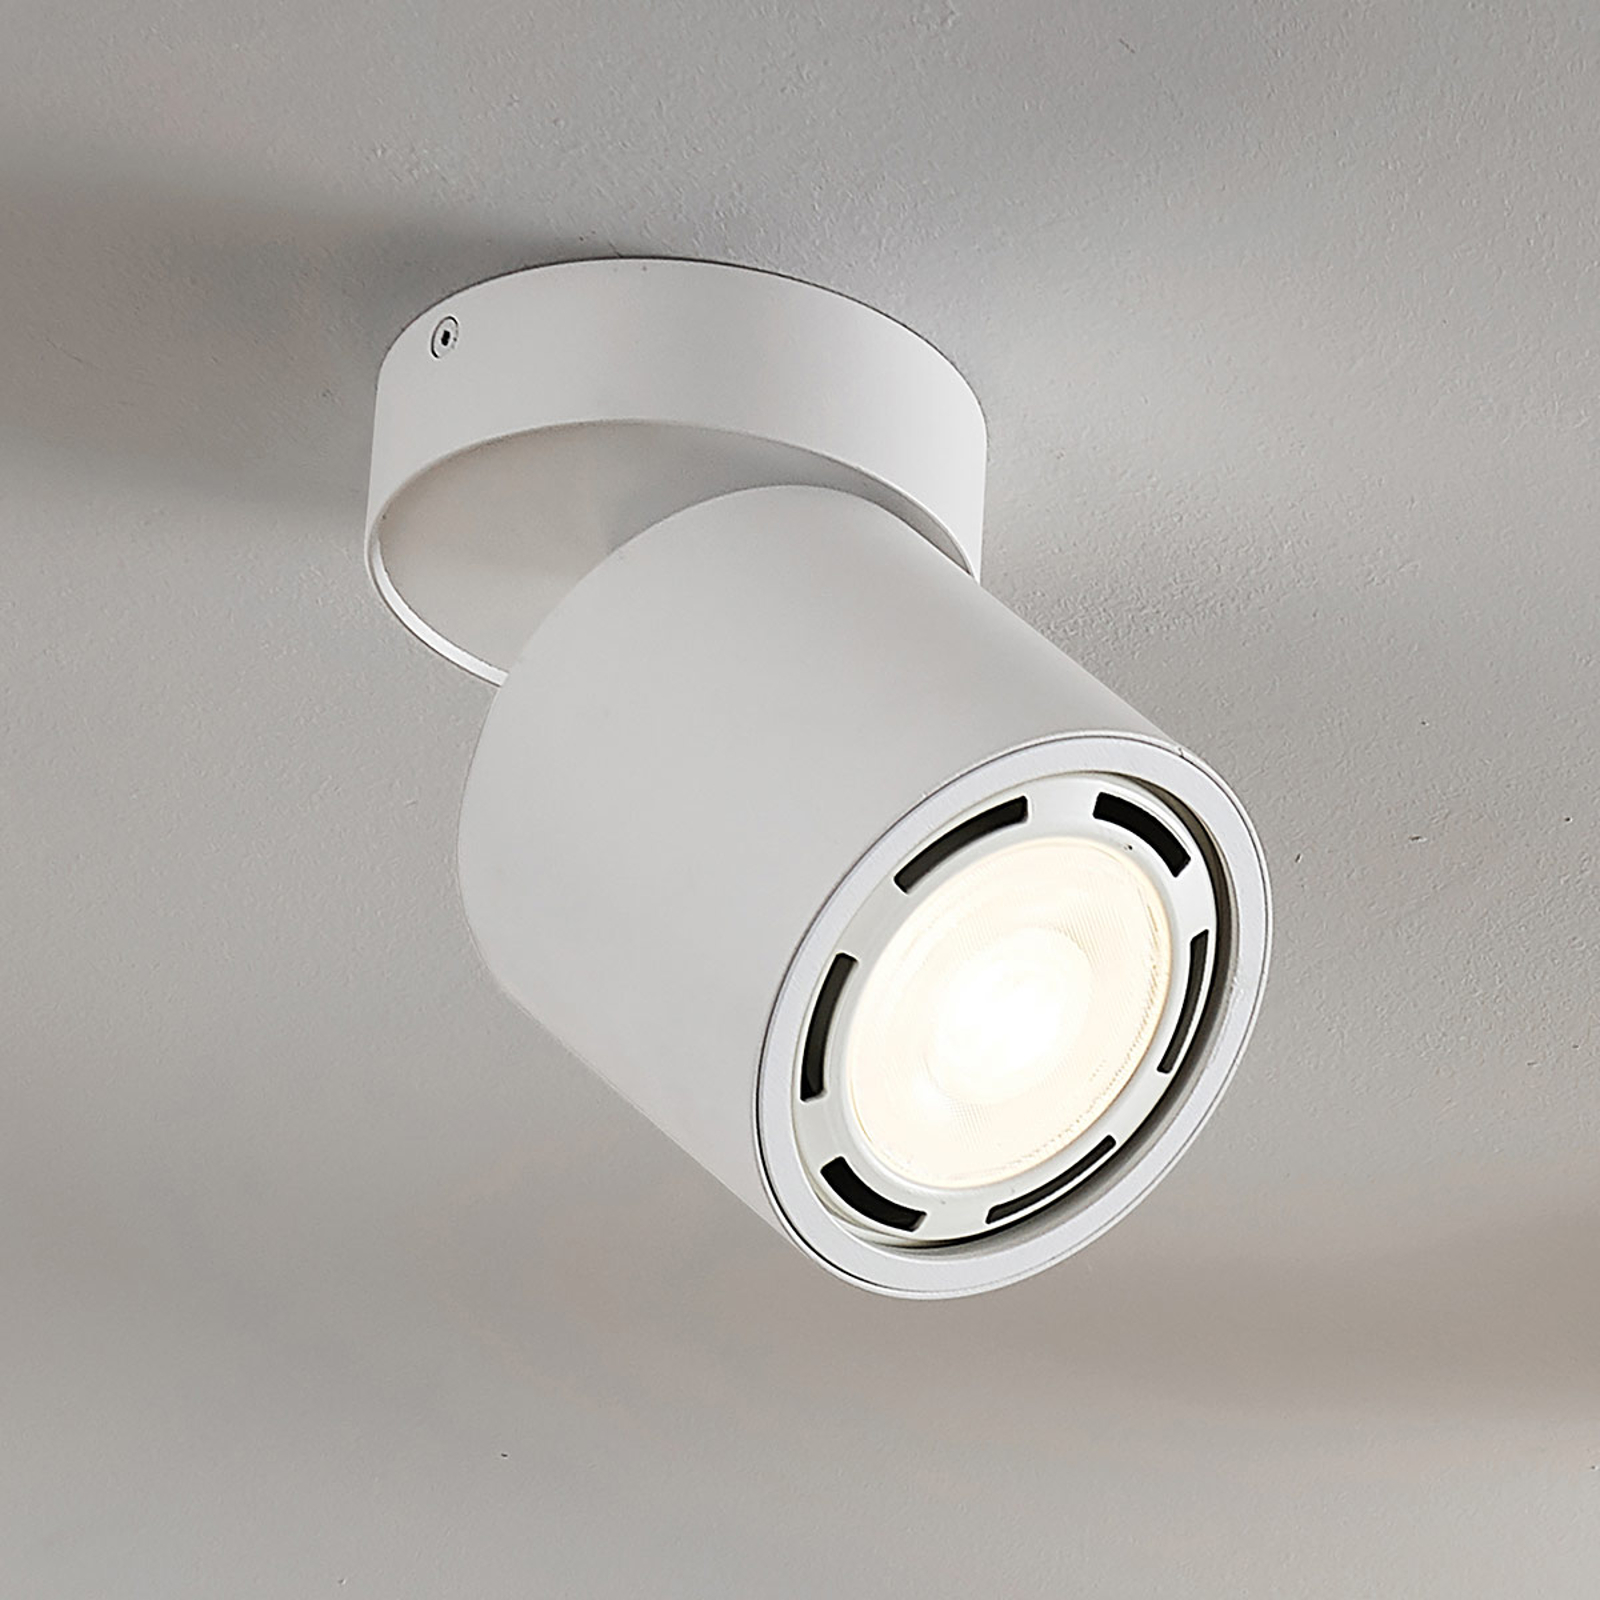 LED-Spot Avantika in Weiß, dimmbar